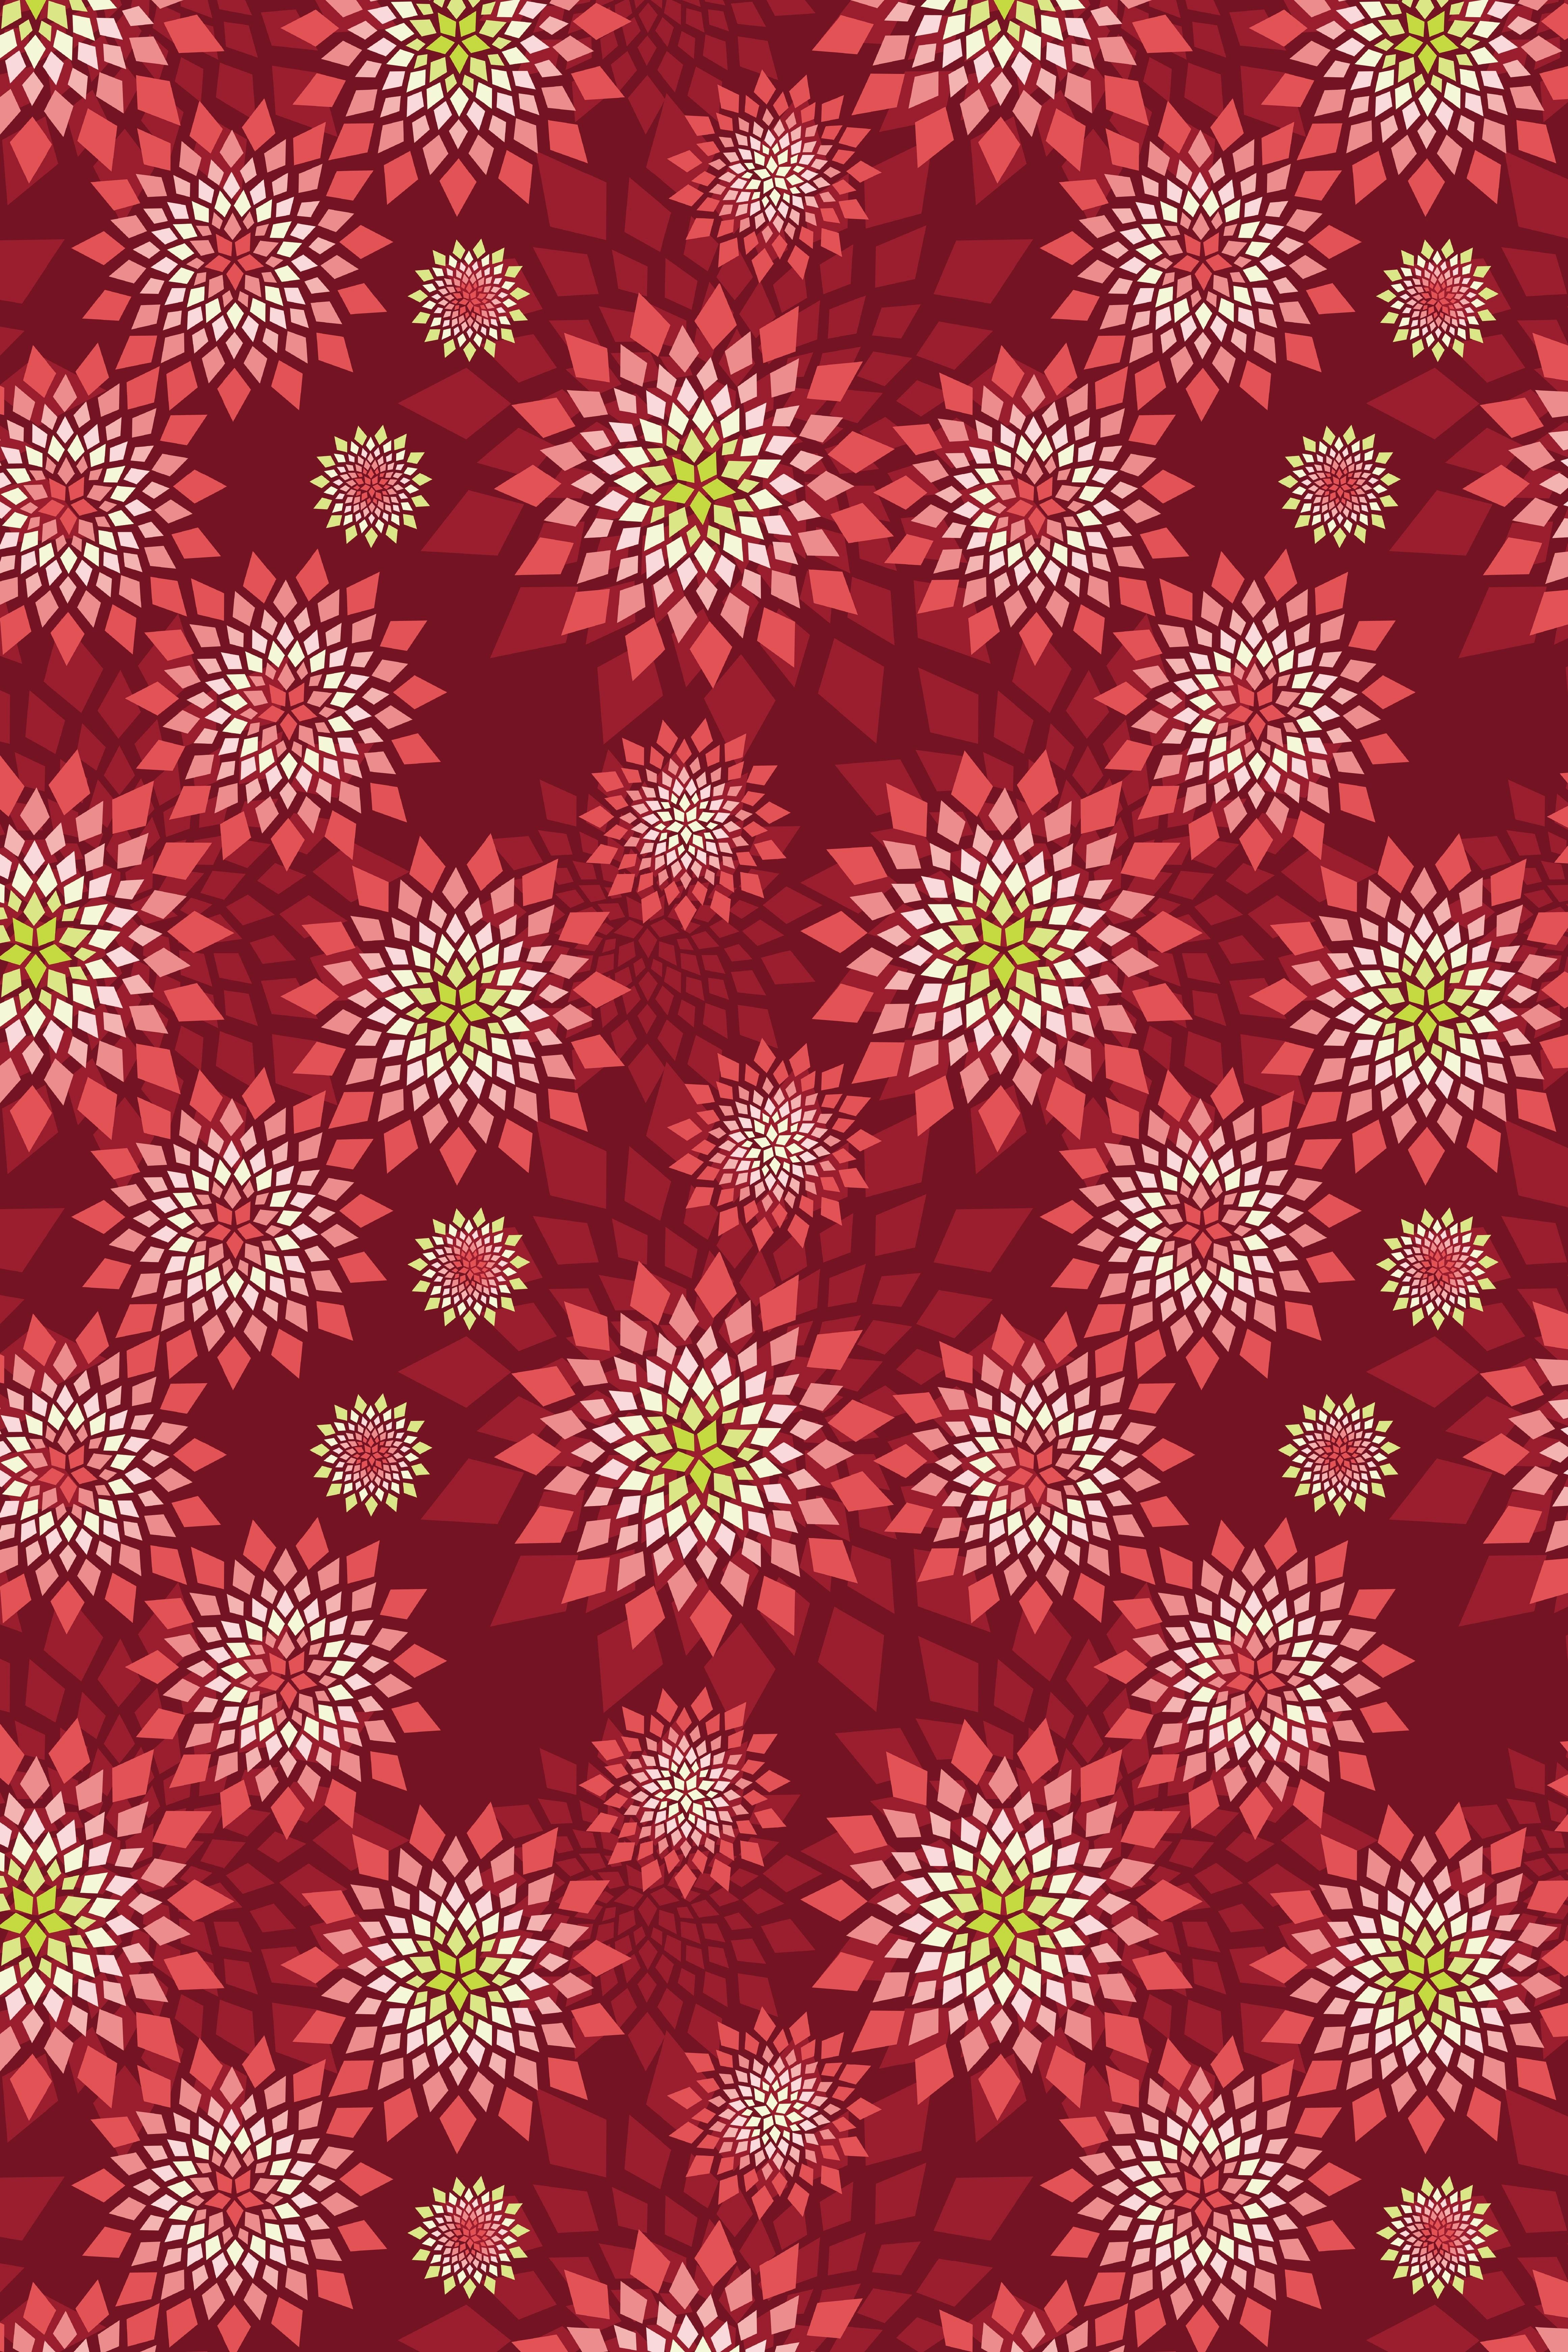 Spiral Flowers Full-01